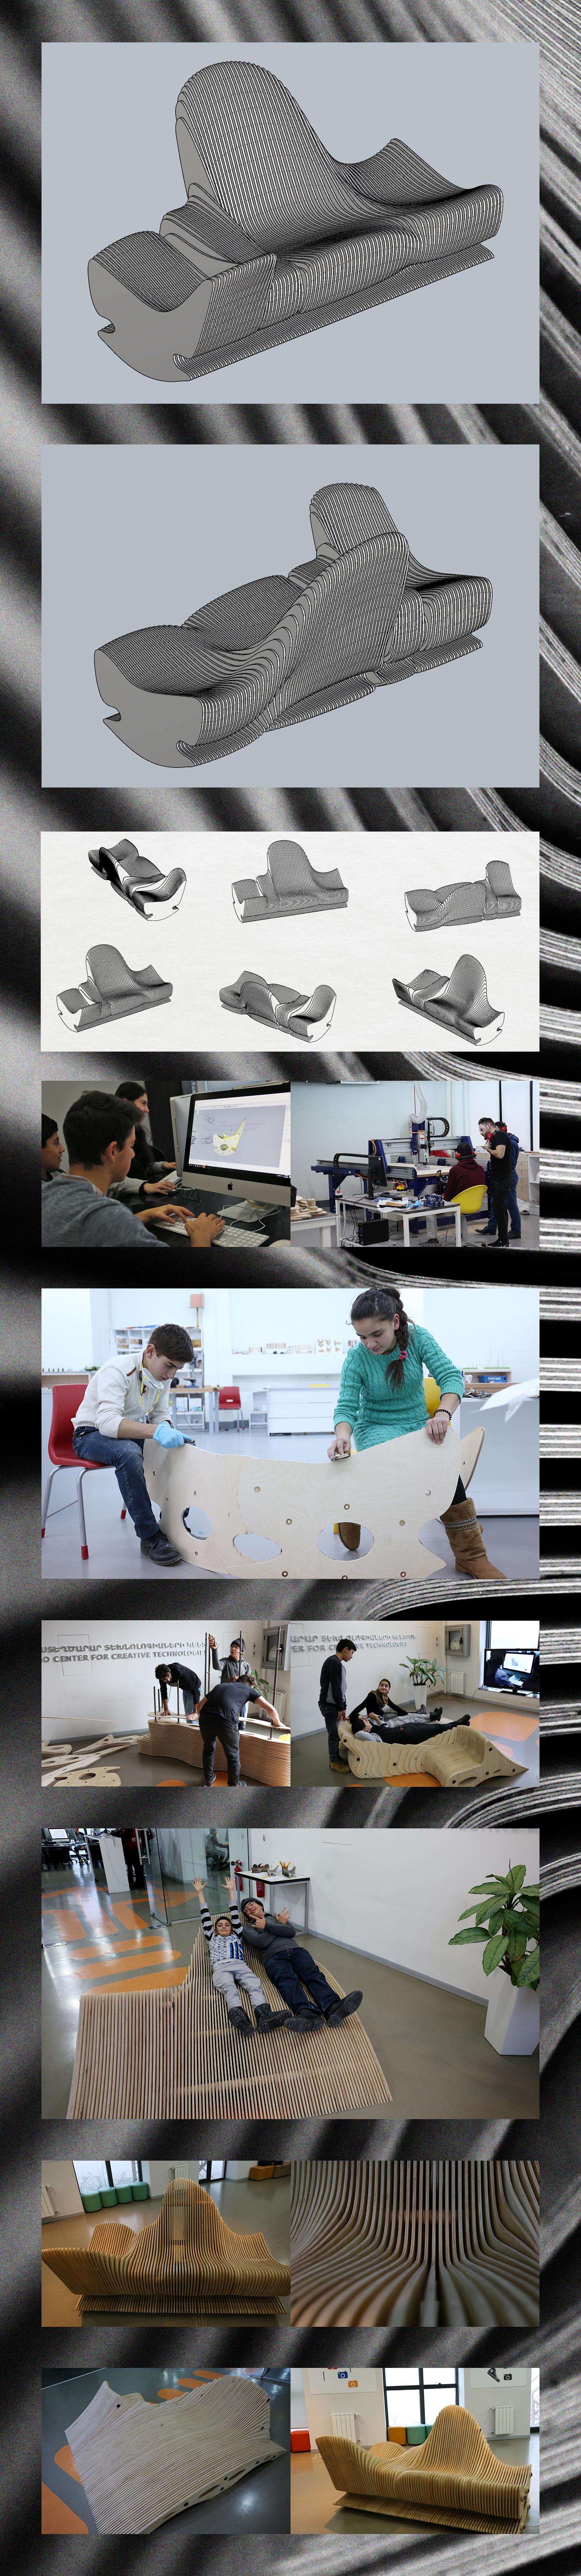 ae399a46780083.5863d1a97364e - Fabrication and Chair Design with Narek Tashdjian